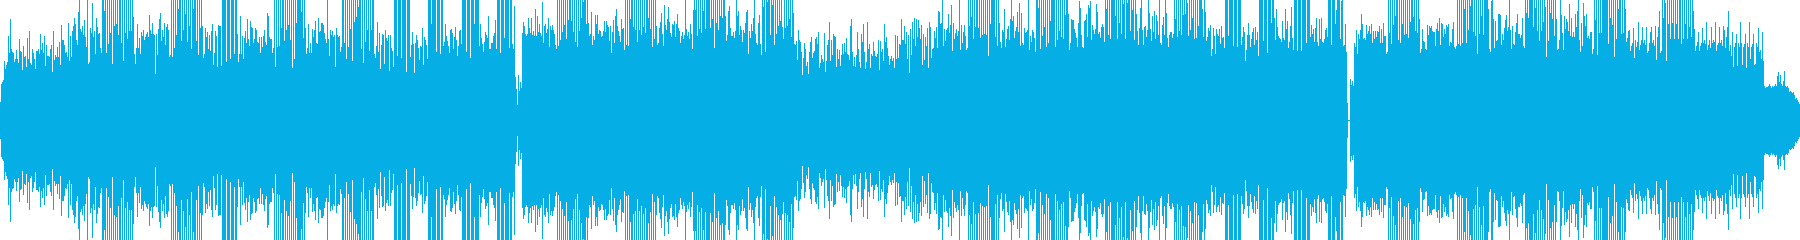 無機質なテクノサウンドの再生済みの波形